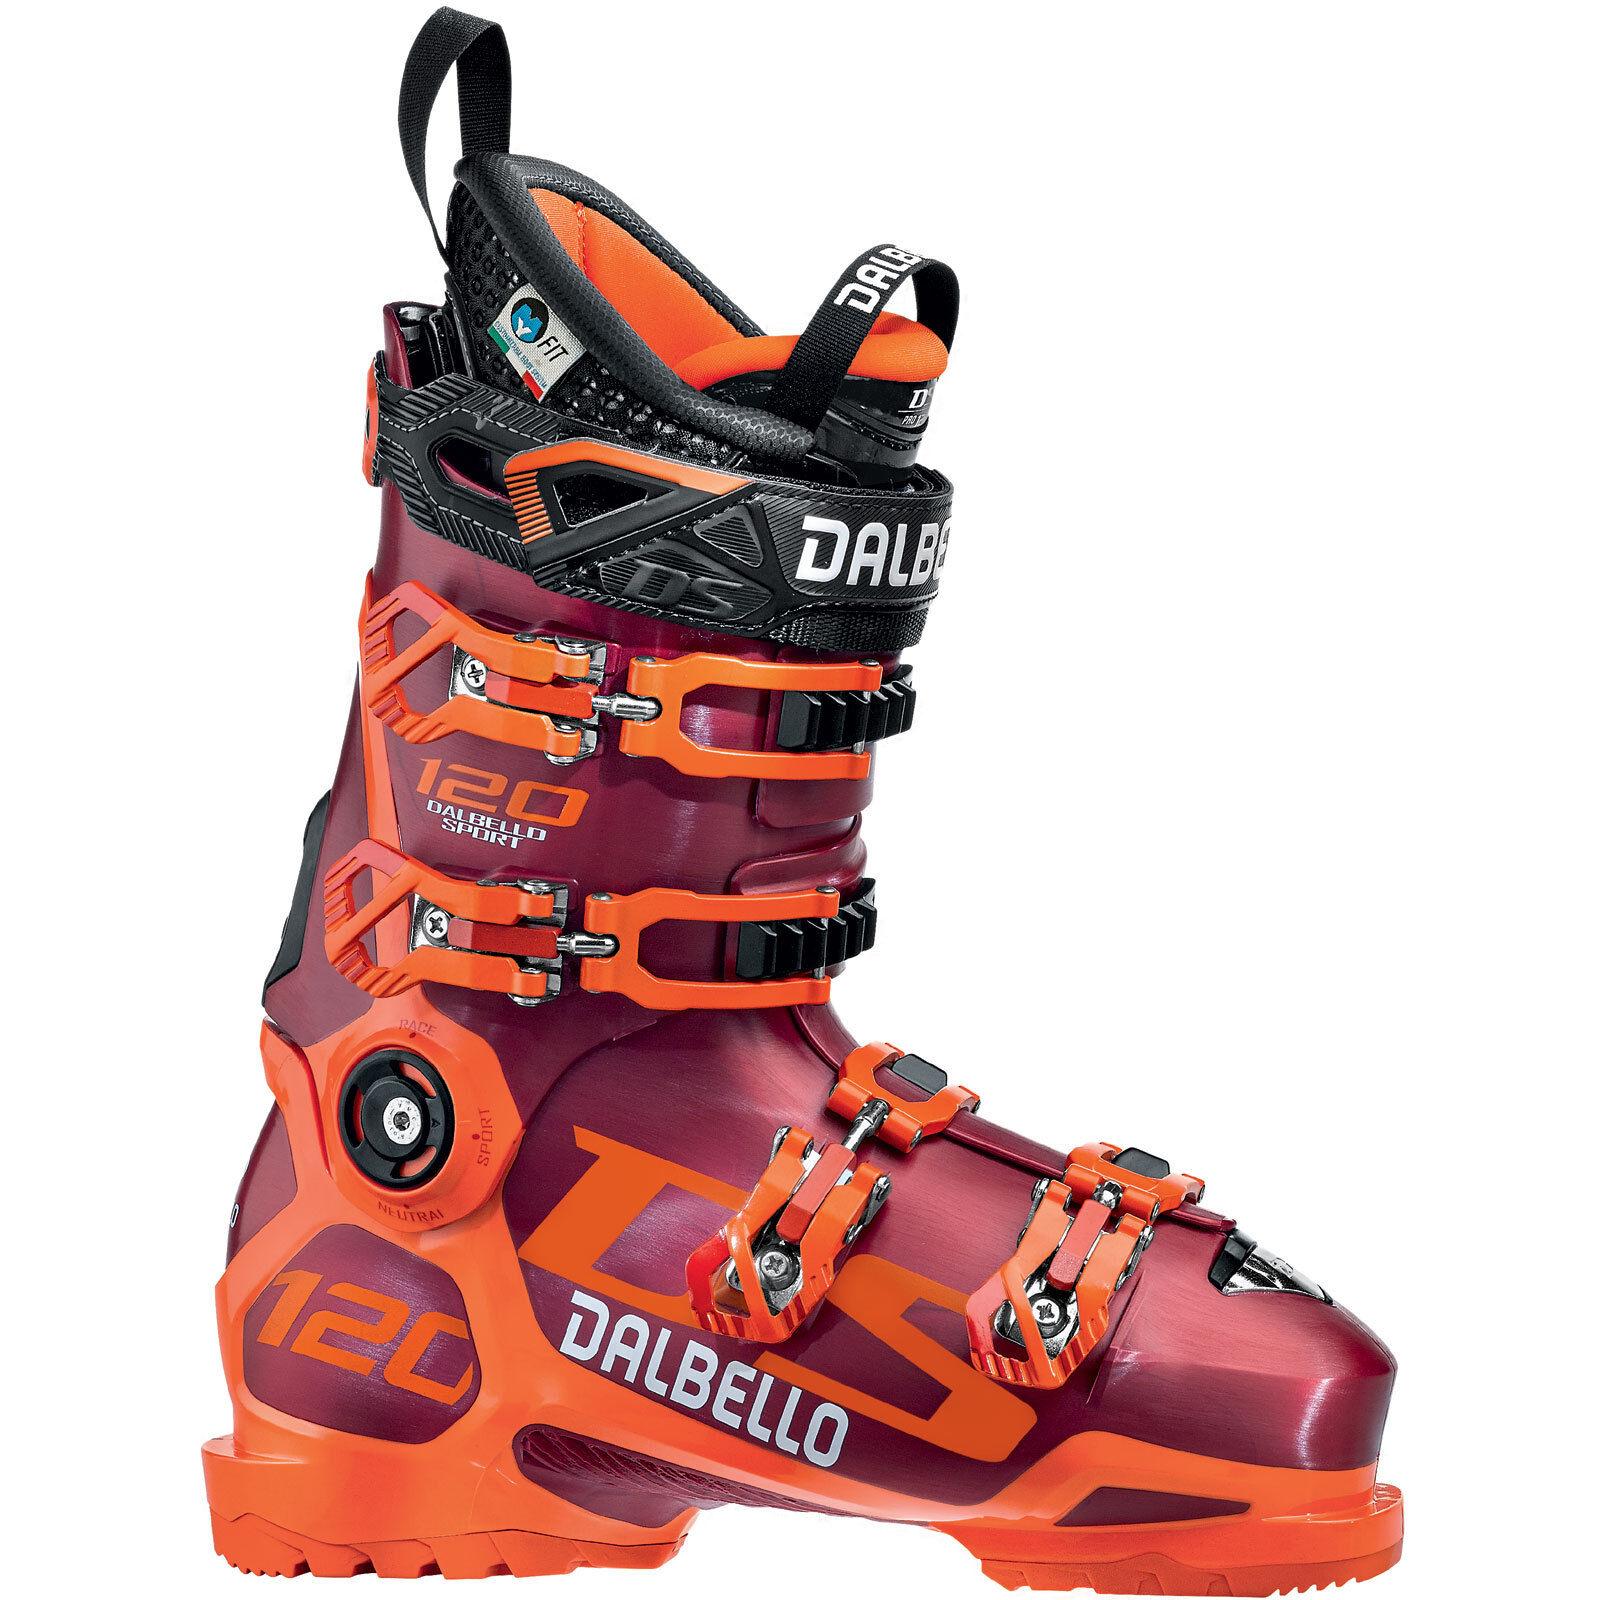 DalBello DS 120 MS caballeros-botas de esquí esquí botas botas fijaciones Alpin zapatos